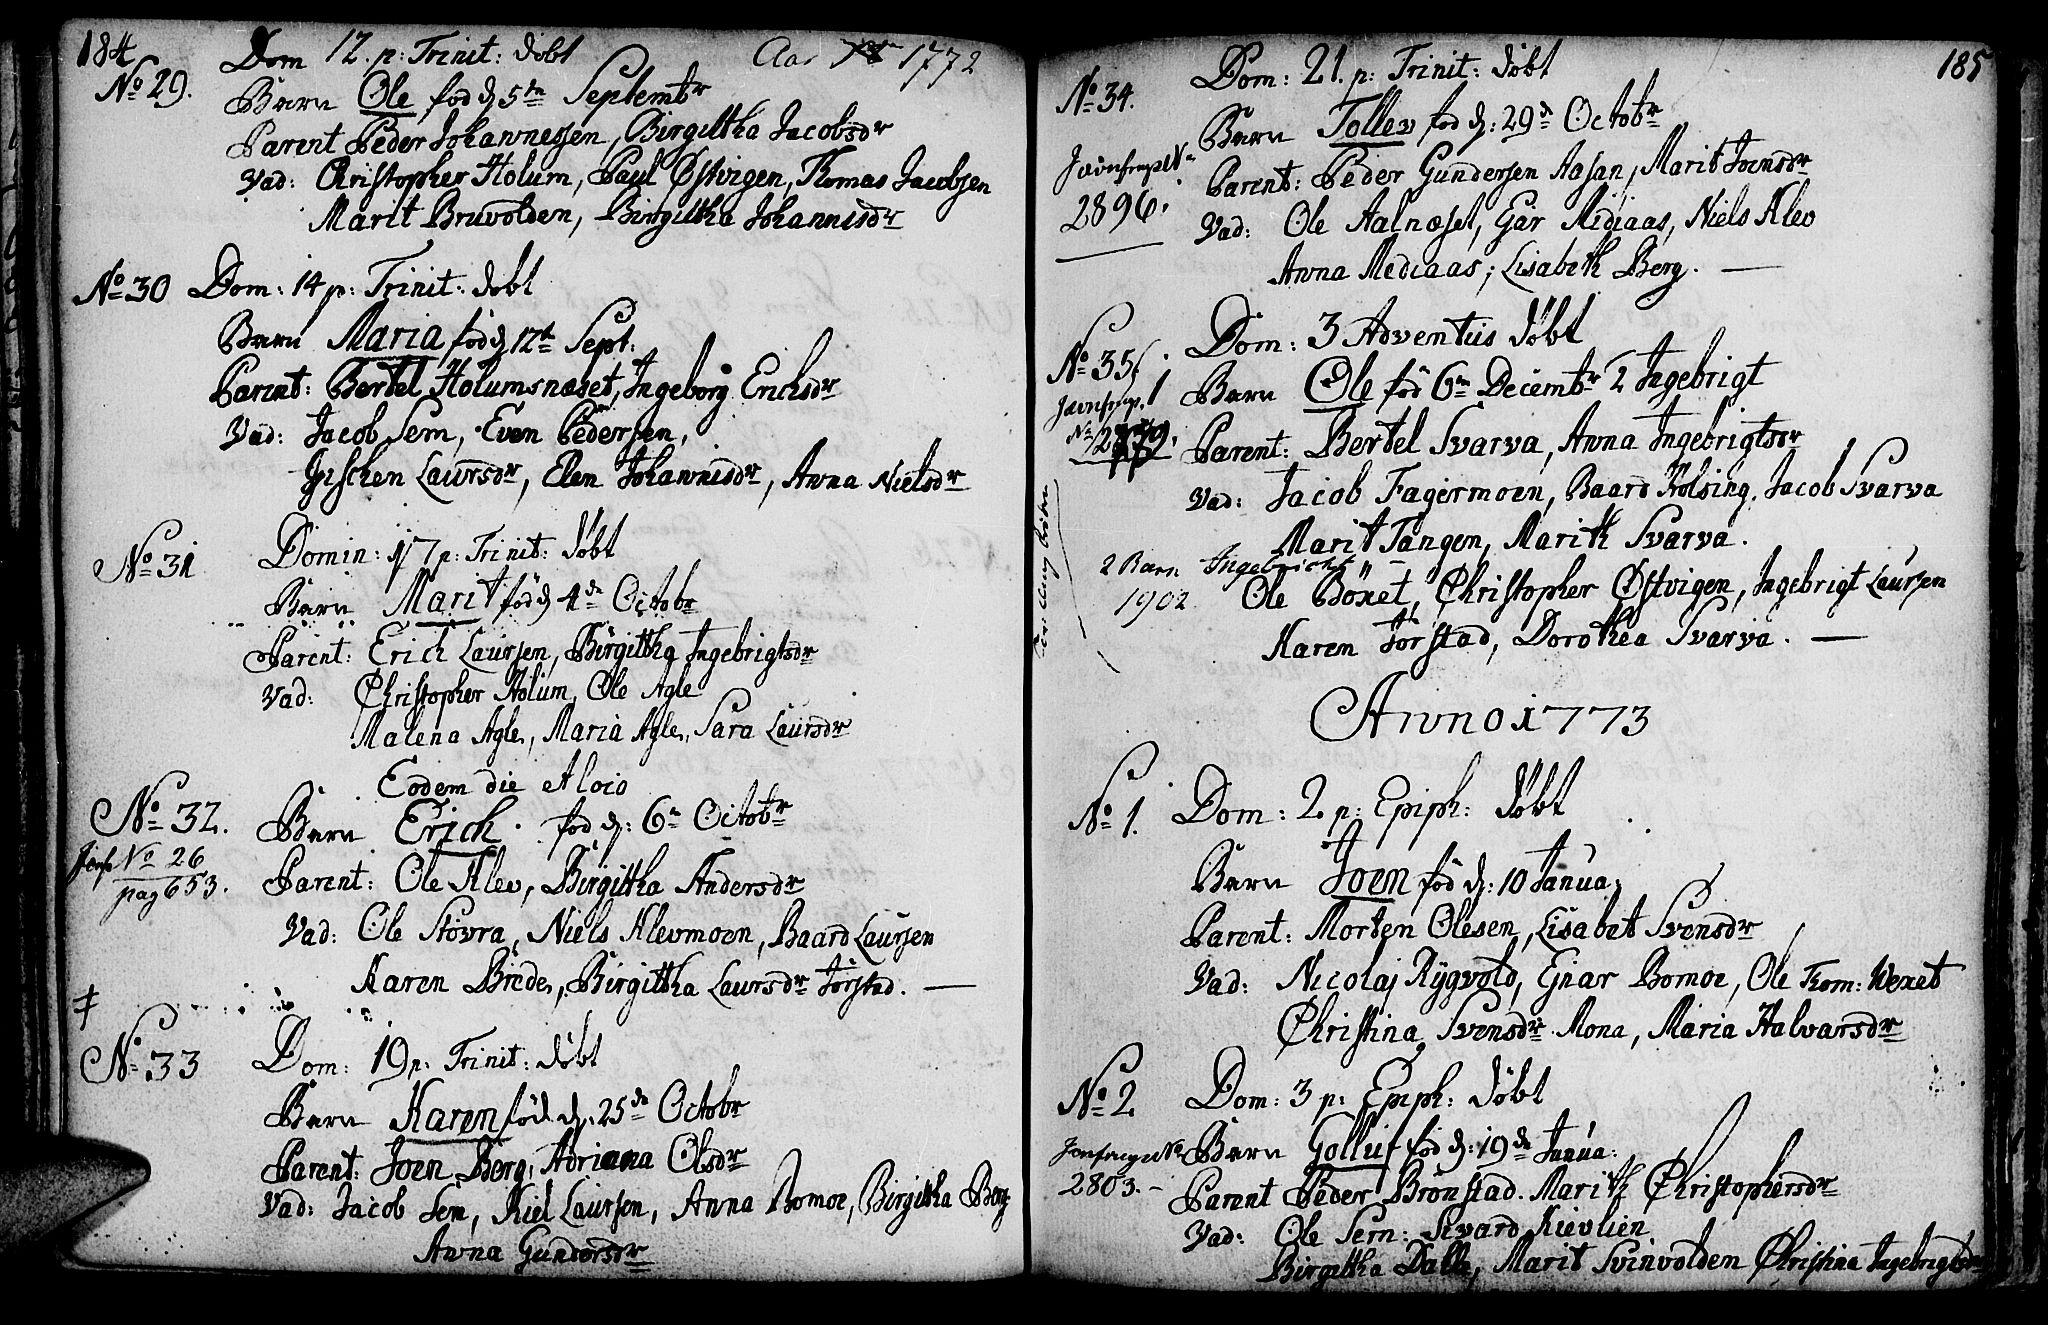 SAT, Ministerialprotokoller, klokkerbøker og fødselsregistre - Nord-Trøndelag, 749/L0467: Ministerialbok nr. 749A01, 1733-1787, s. 184-185